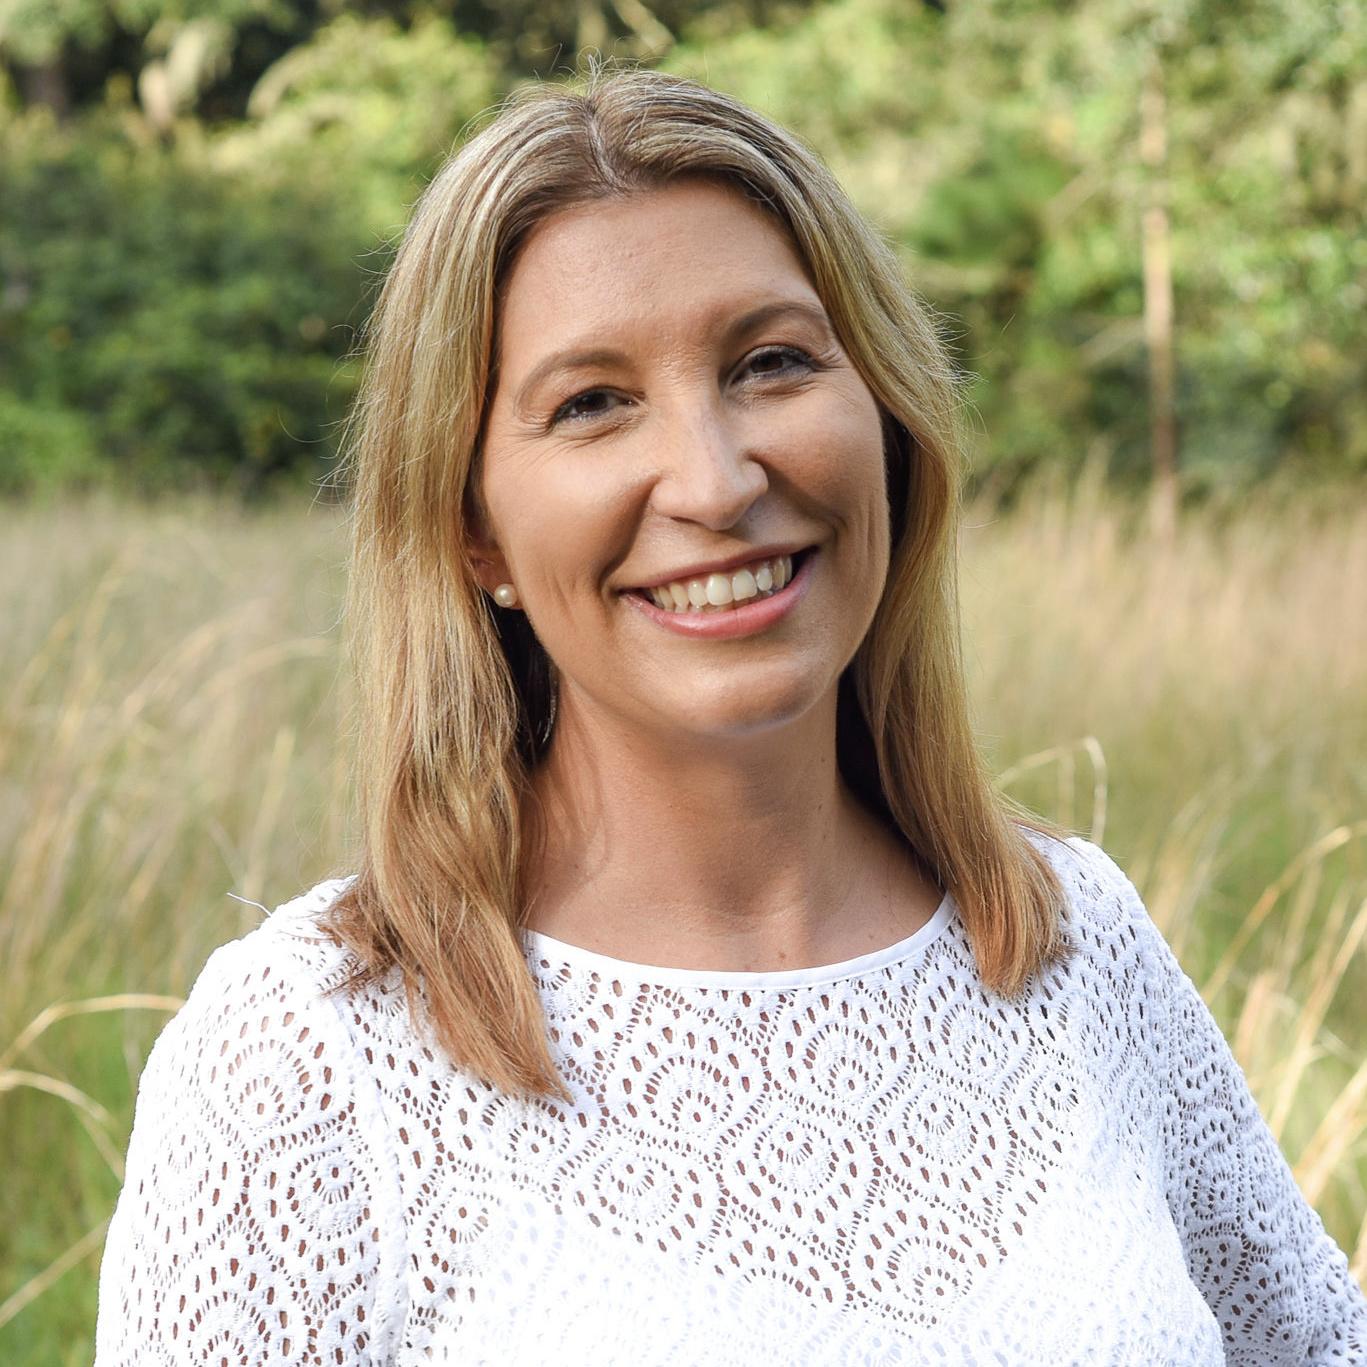 Katie - Sew Woodsy Headshot